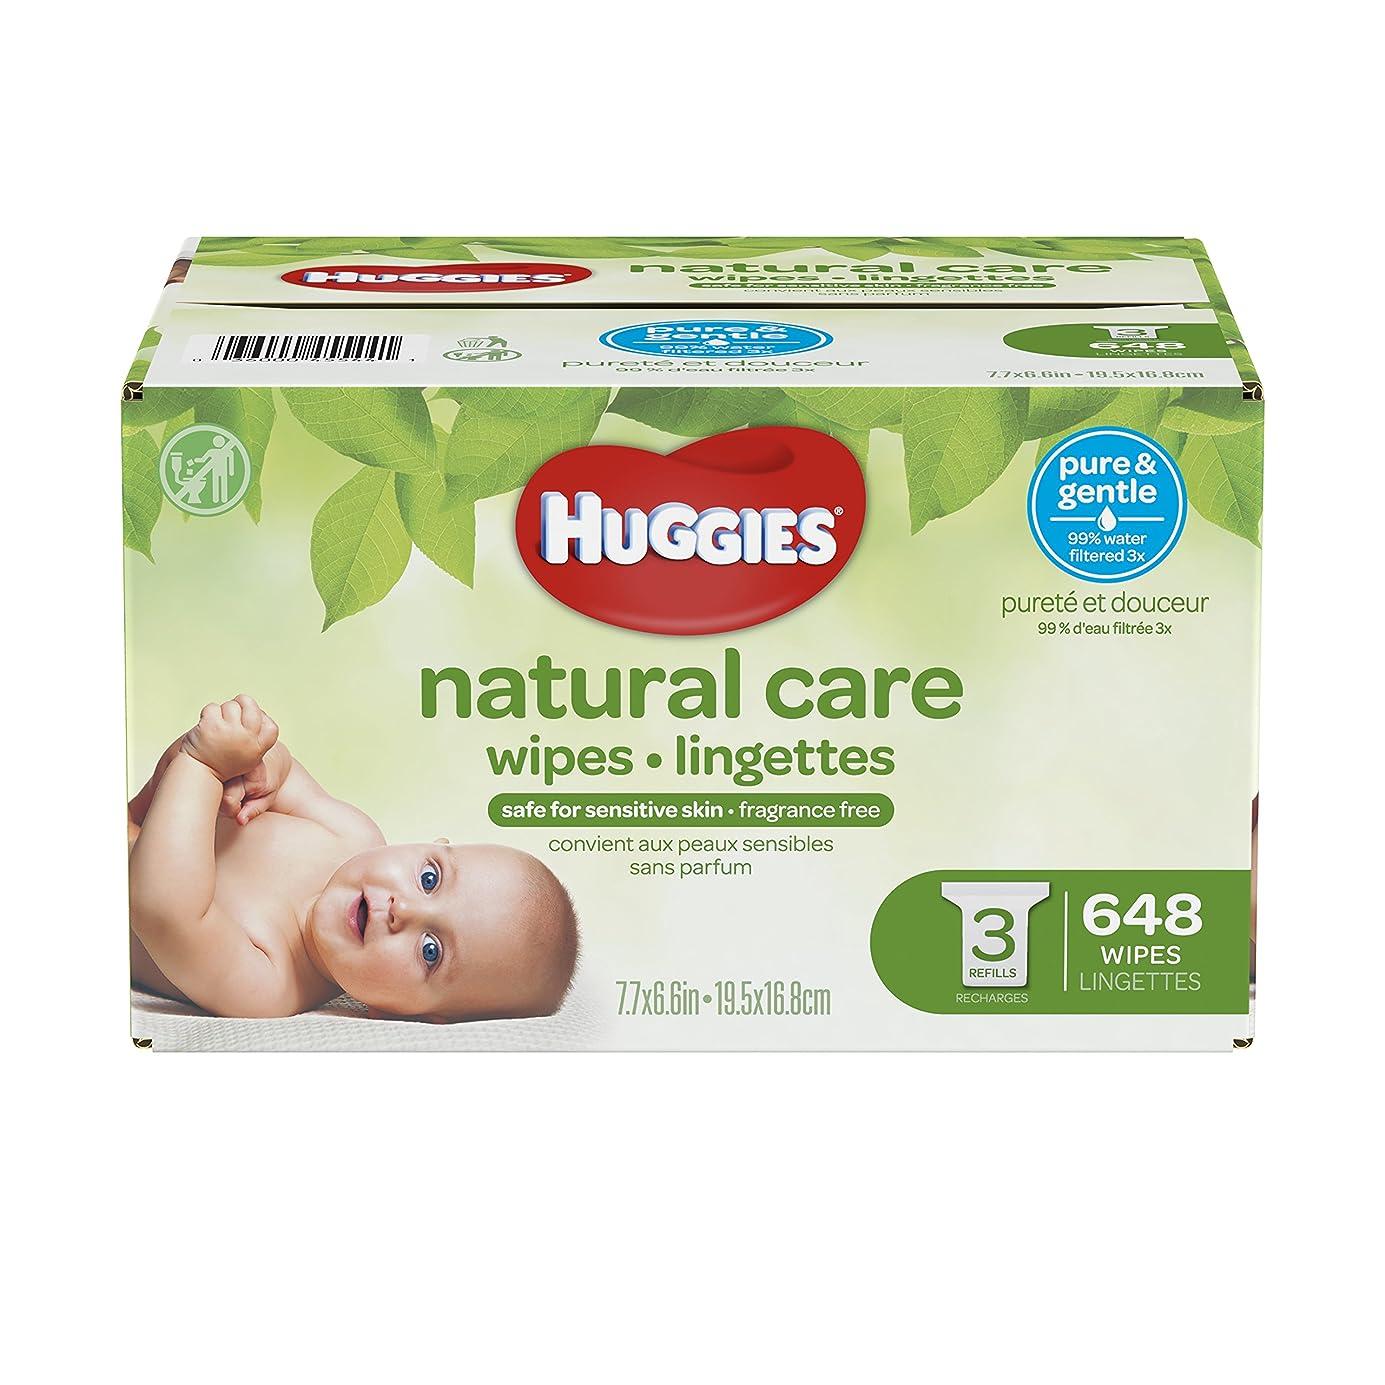 競合他社選手アルプス沿ってHuggies Natural Care Baby Wipes, Refill, Unscented, Hypoallergenic, Aloe and Vitamin E, 648 Count by Huggies